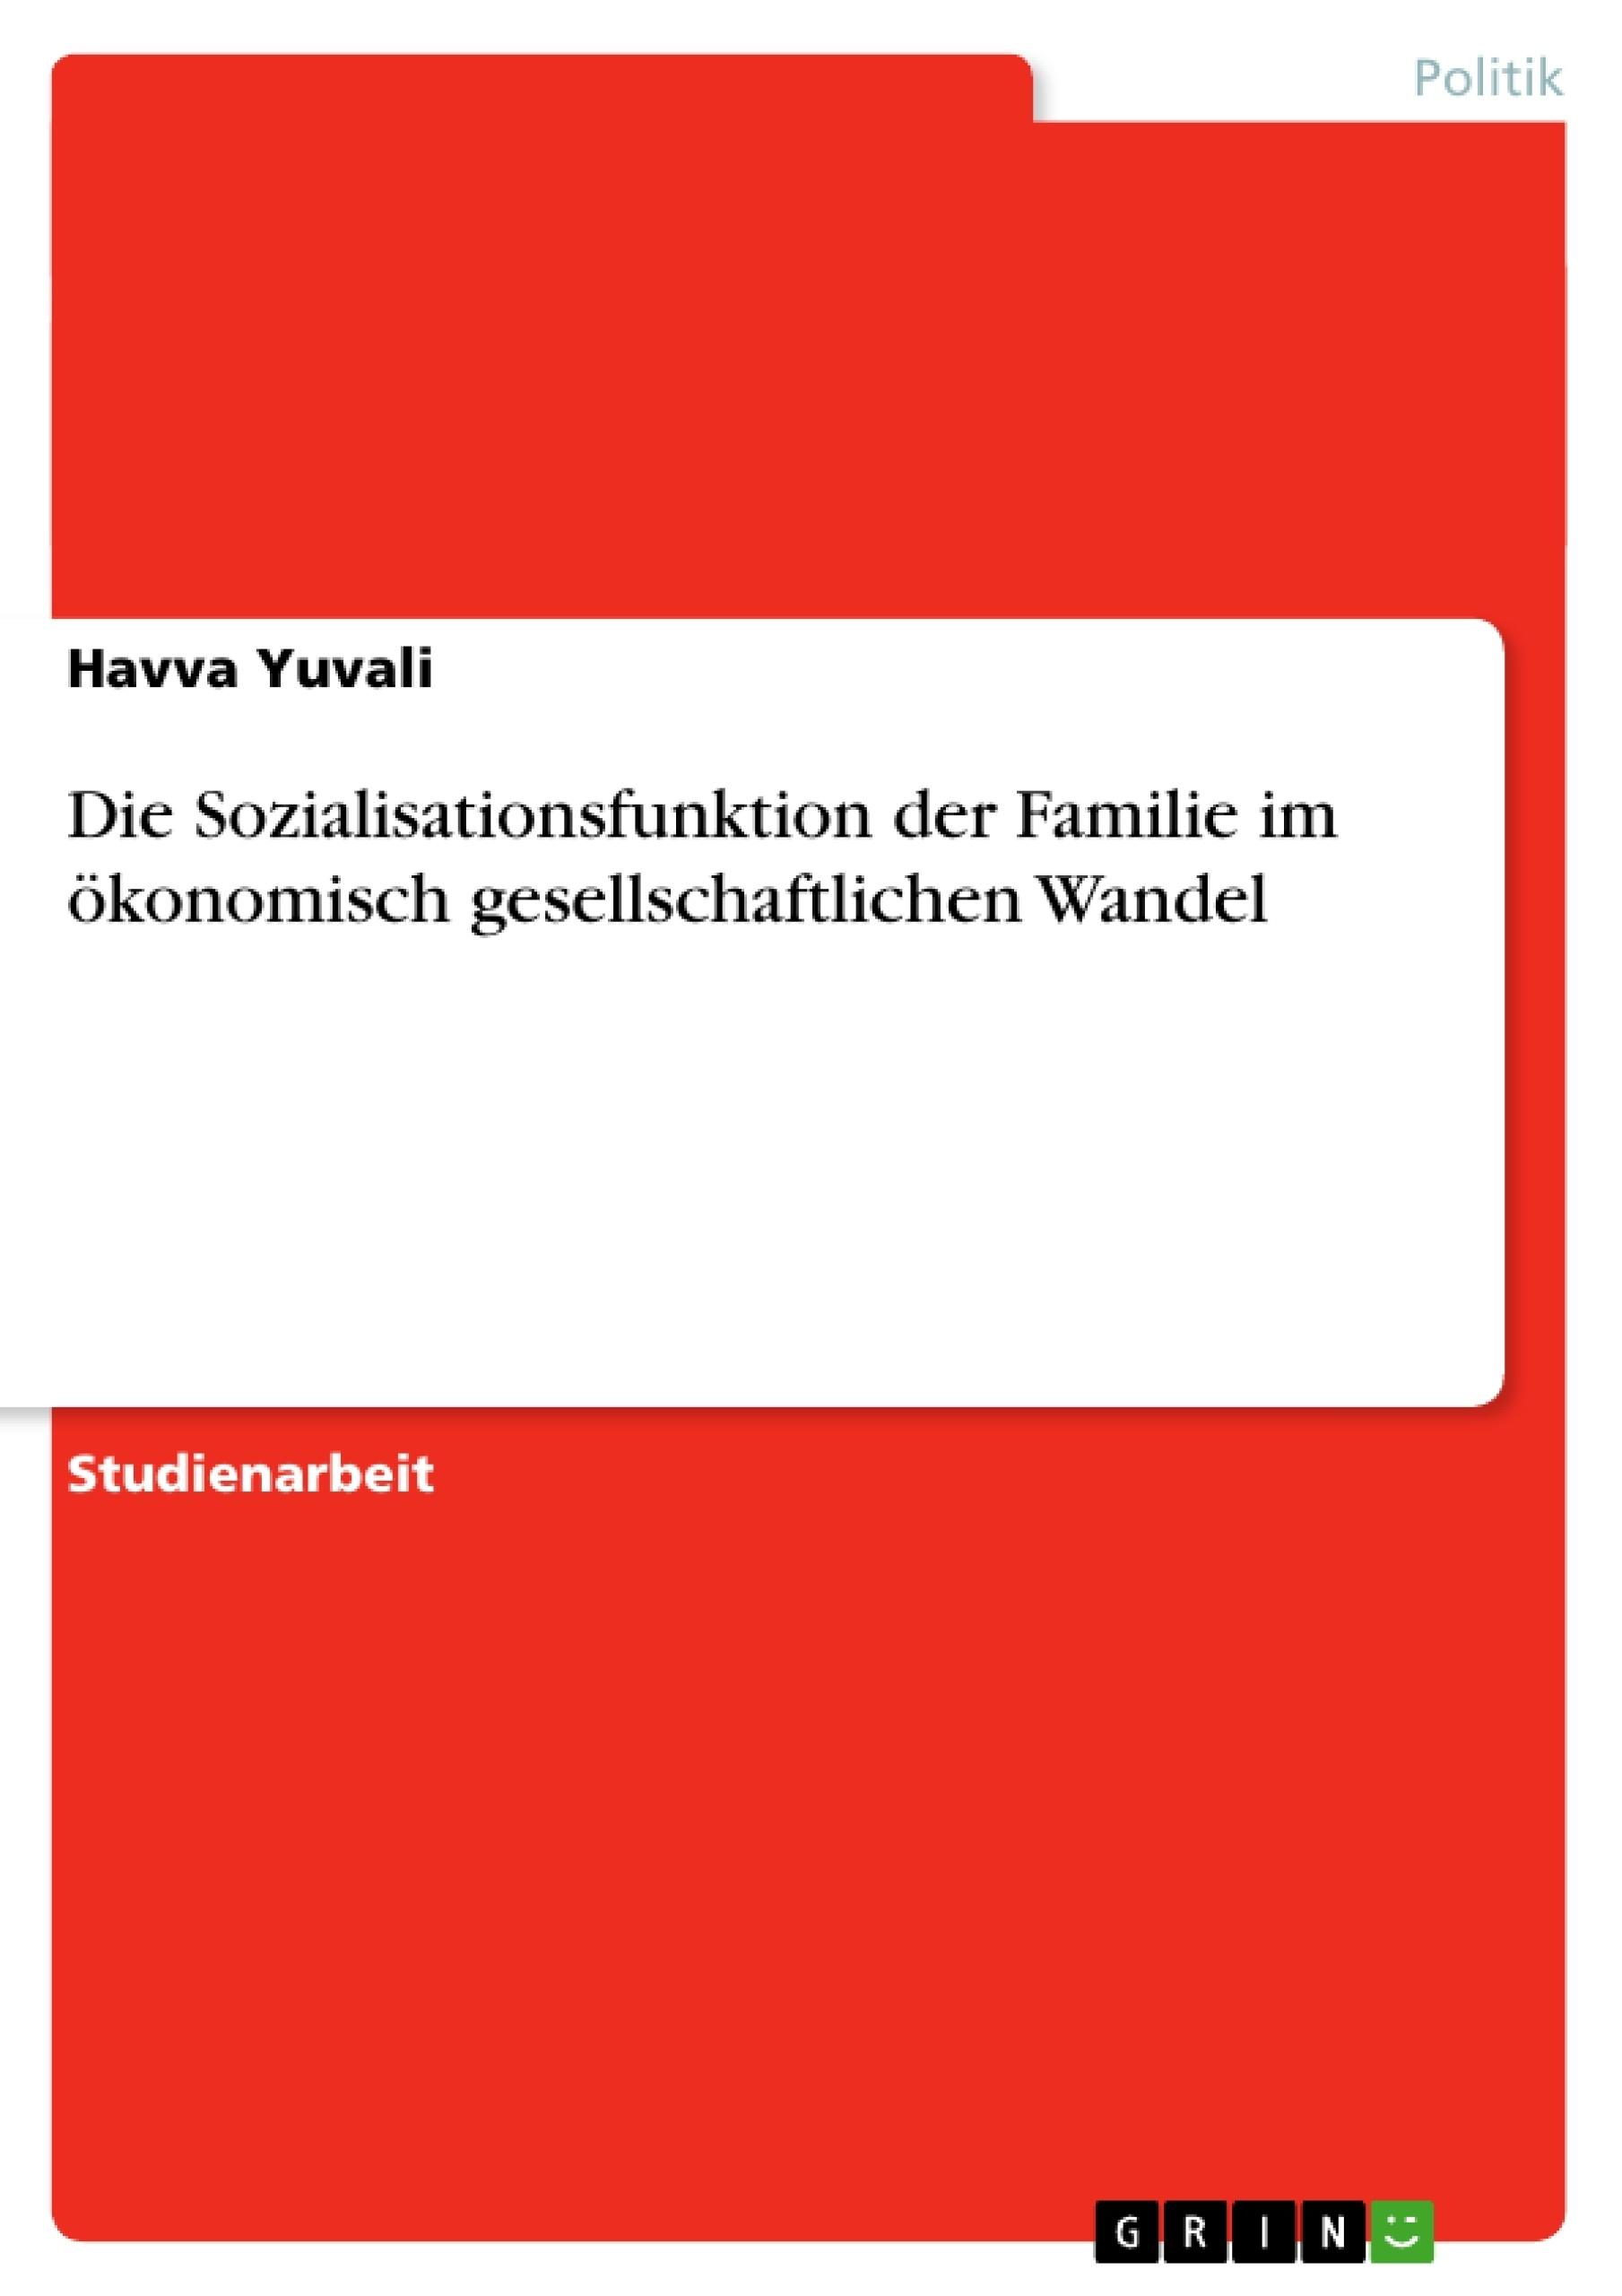 Titel: Die Sozialisationsfunktion der Familie im ökonomisch gesellschaftlichen Wandel